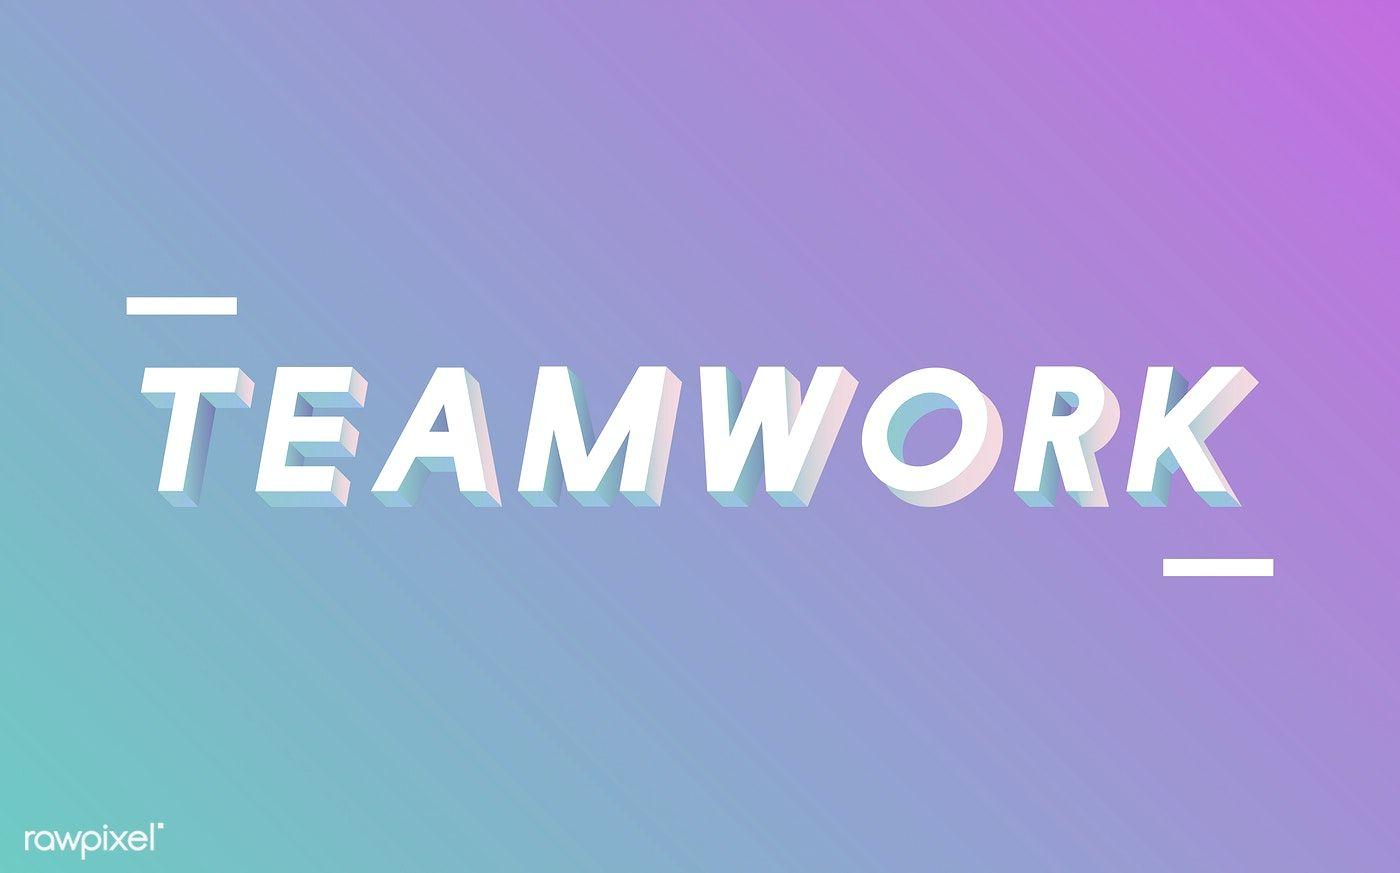 Teamwork Unites Us All